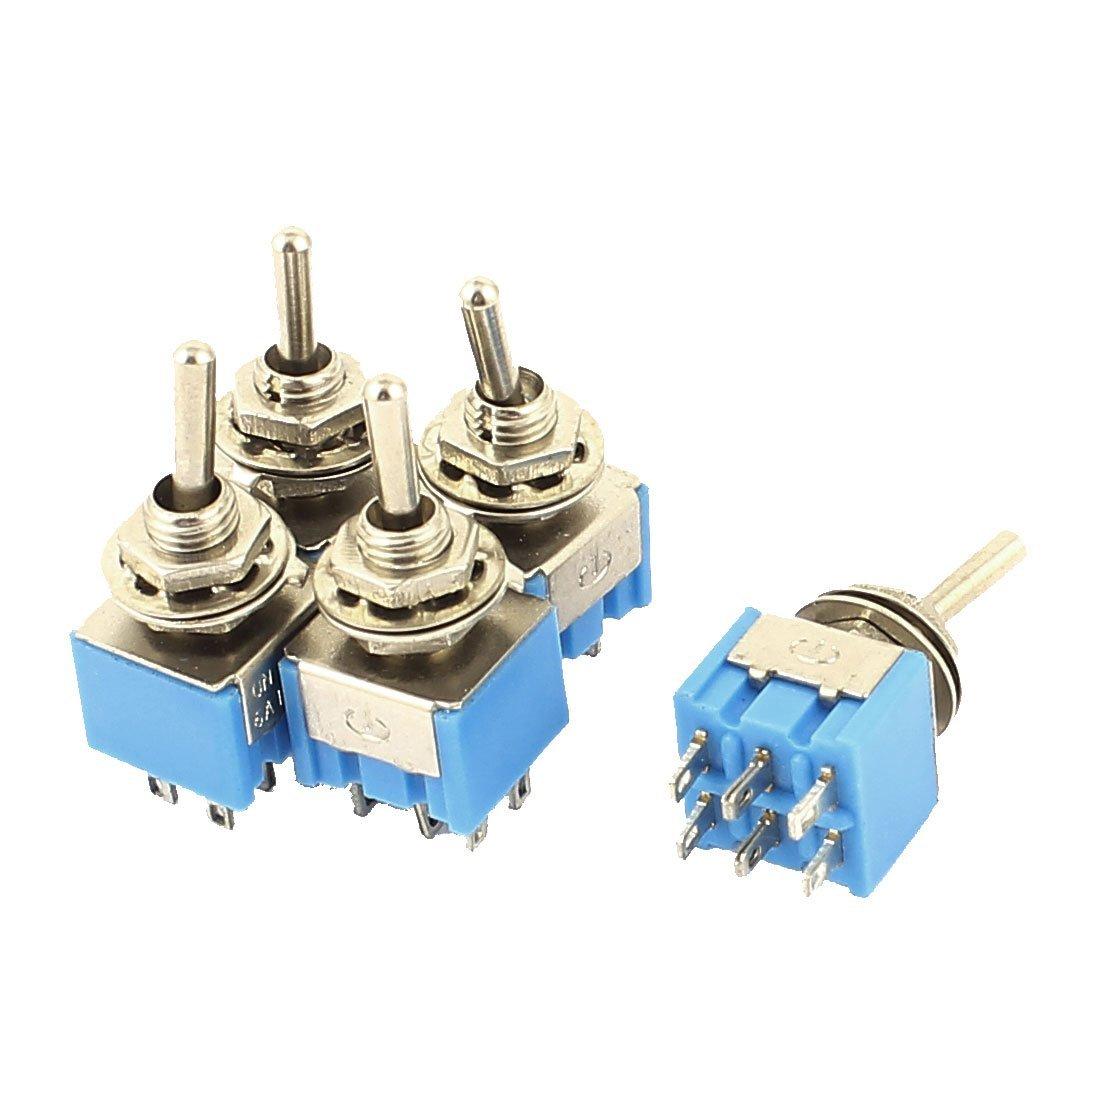 sourcingmap® 5PCS 3 position ON/OFF/ON DPDT Mini interrupteur bascule bistable bleu AC 125V 6A sourcing map a15091400ux0824